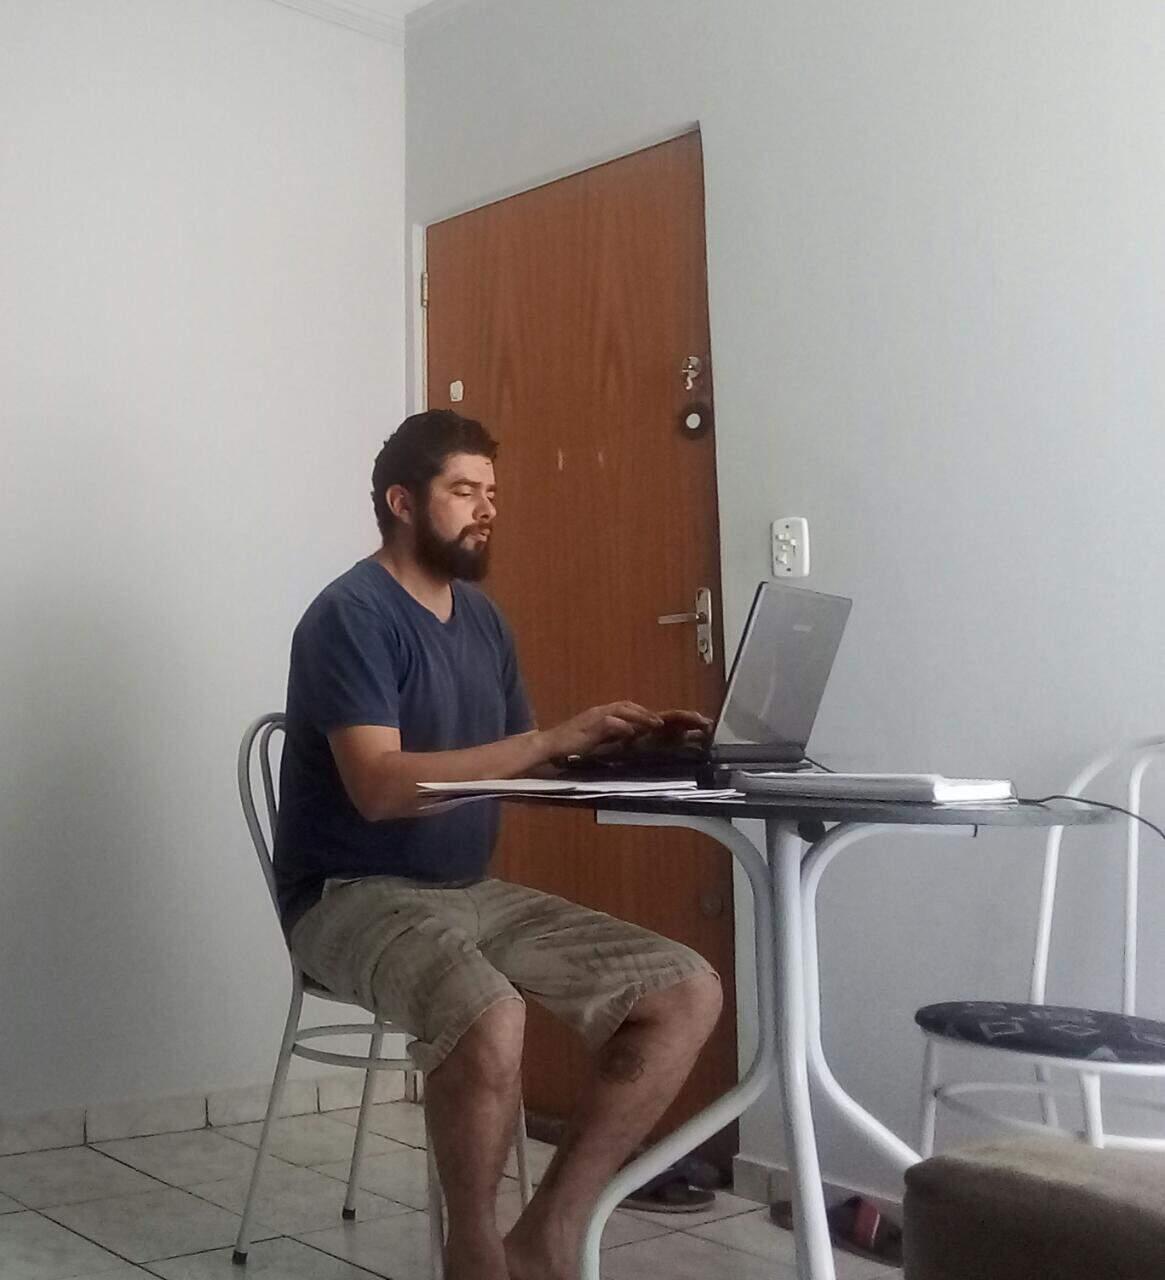 Professor Teylor preparando suas aulas em casa. (Foto: Arquivo Pessoal)